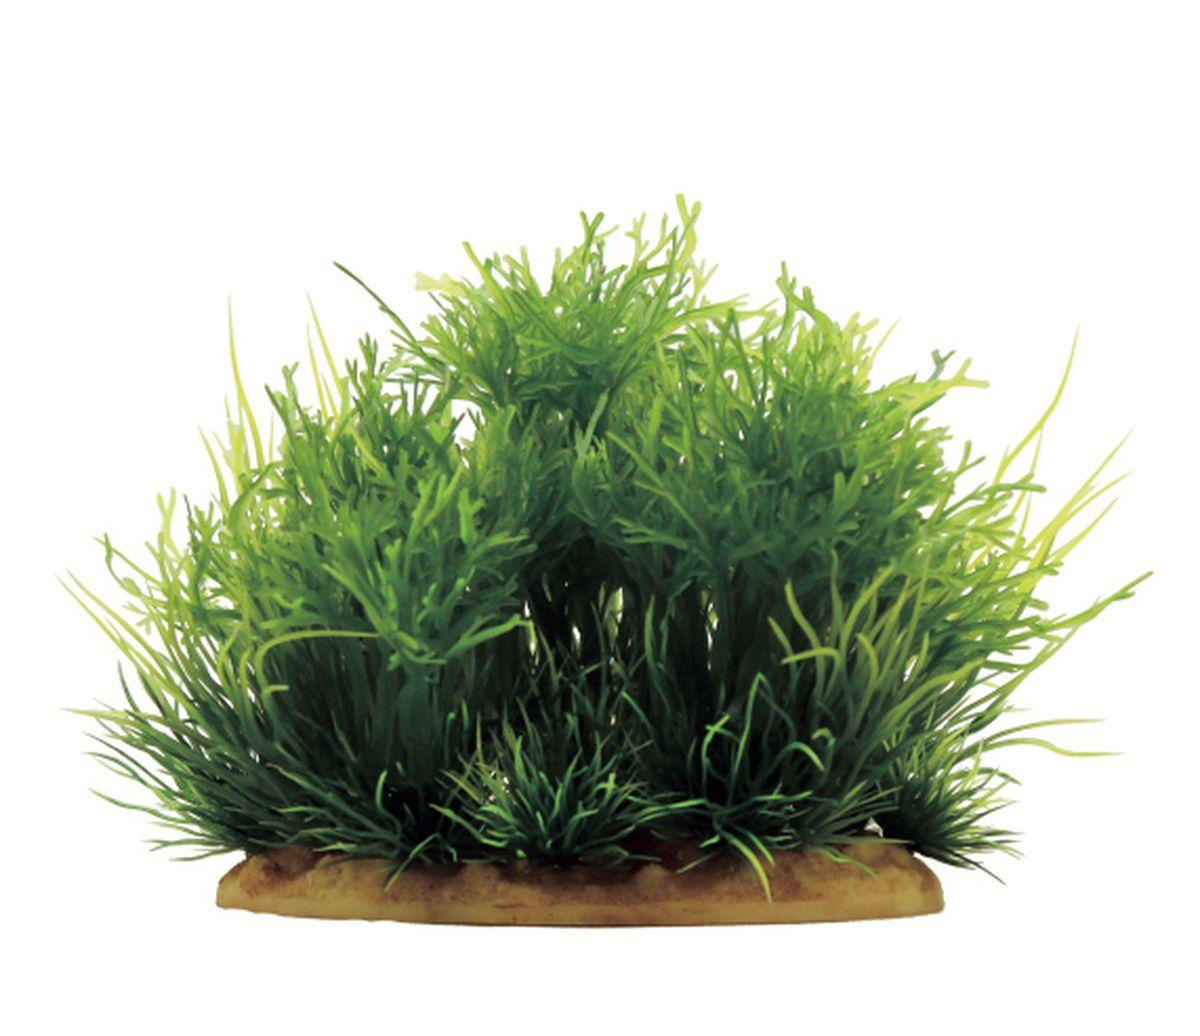 Растение для аквариума ArtUniq Мох, 15 x 10 x 15 см0120710Растение для аквариума ArtUniq Мох, 15 x 10 x 15 см